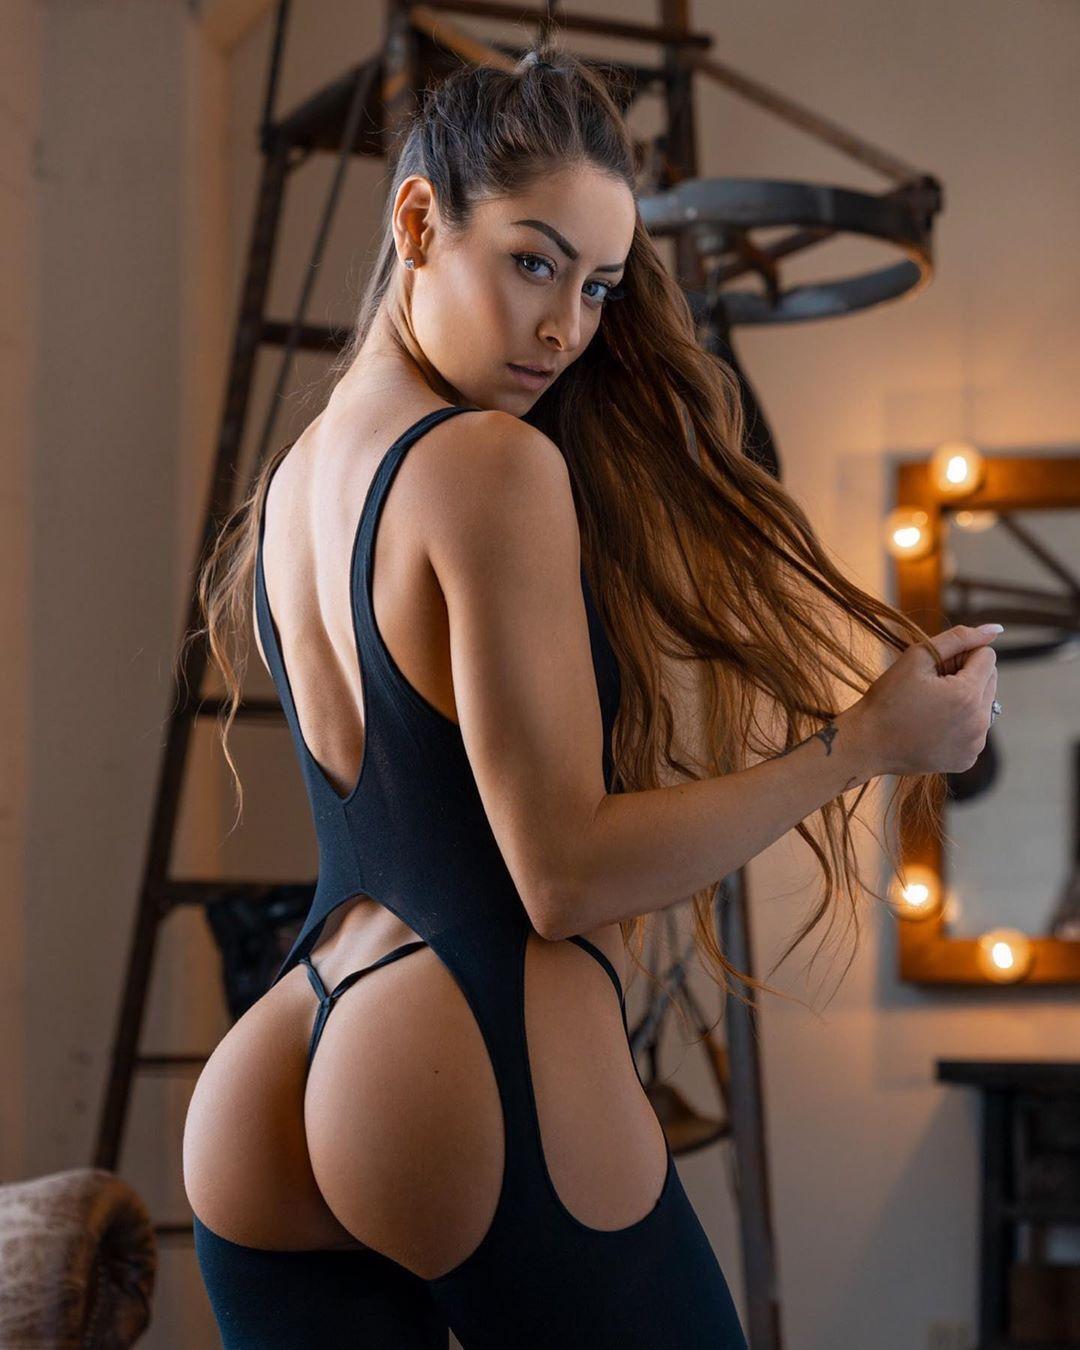 Знаменита фітнес-модель похвалилася сексуальним фото в ультракороткому бікіні